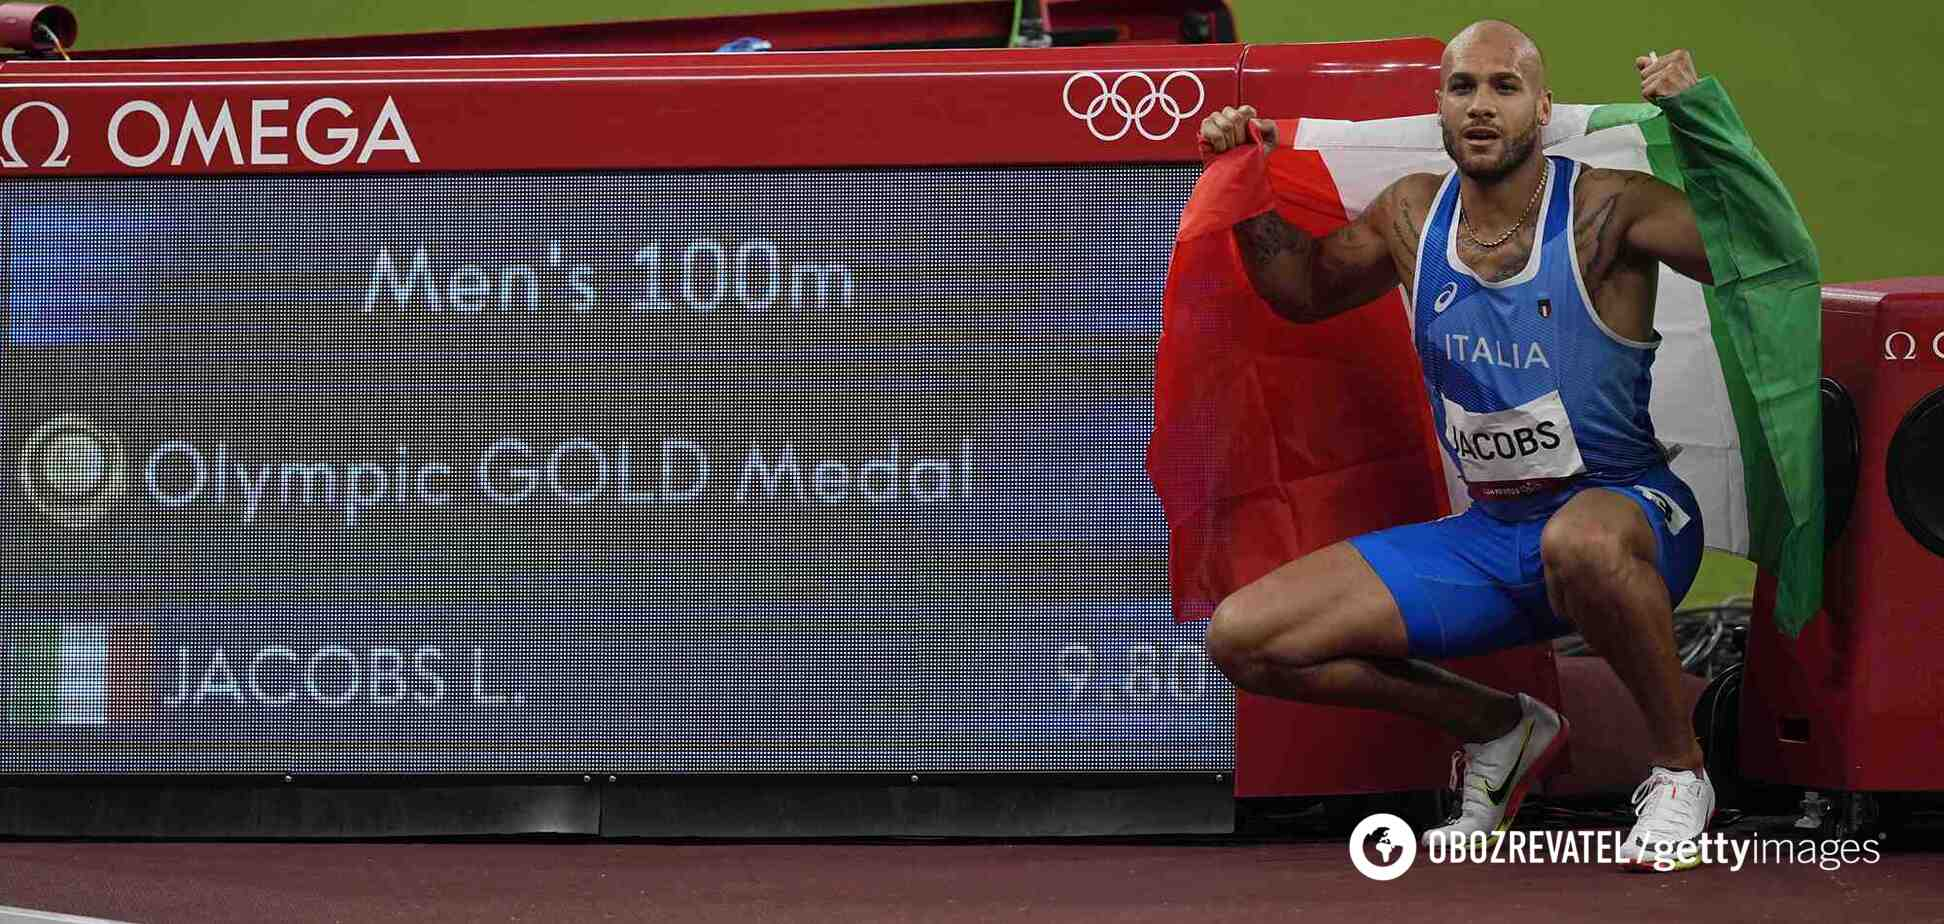 Вперше в історії: на Олімпіаді-2020 сталася неймовірна подія в легкій атлетиці